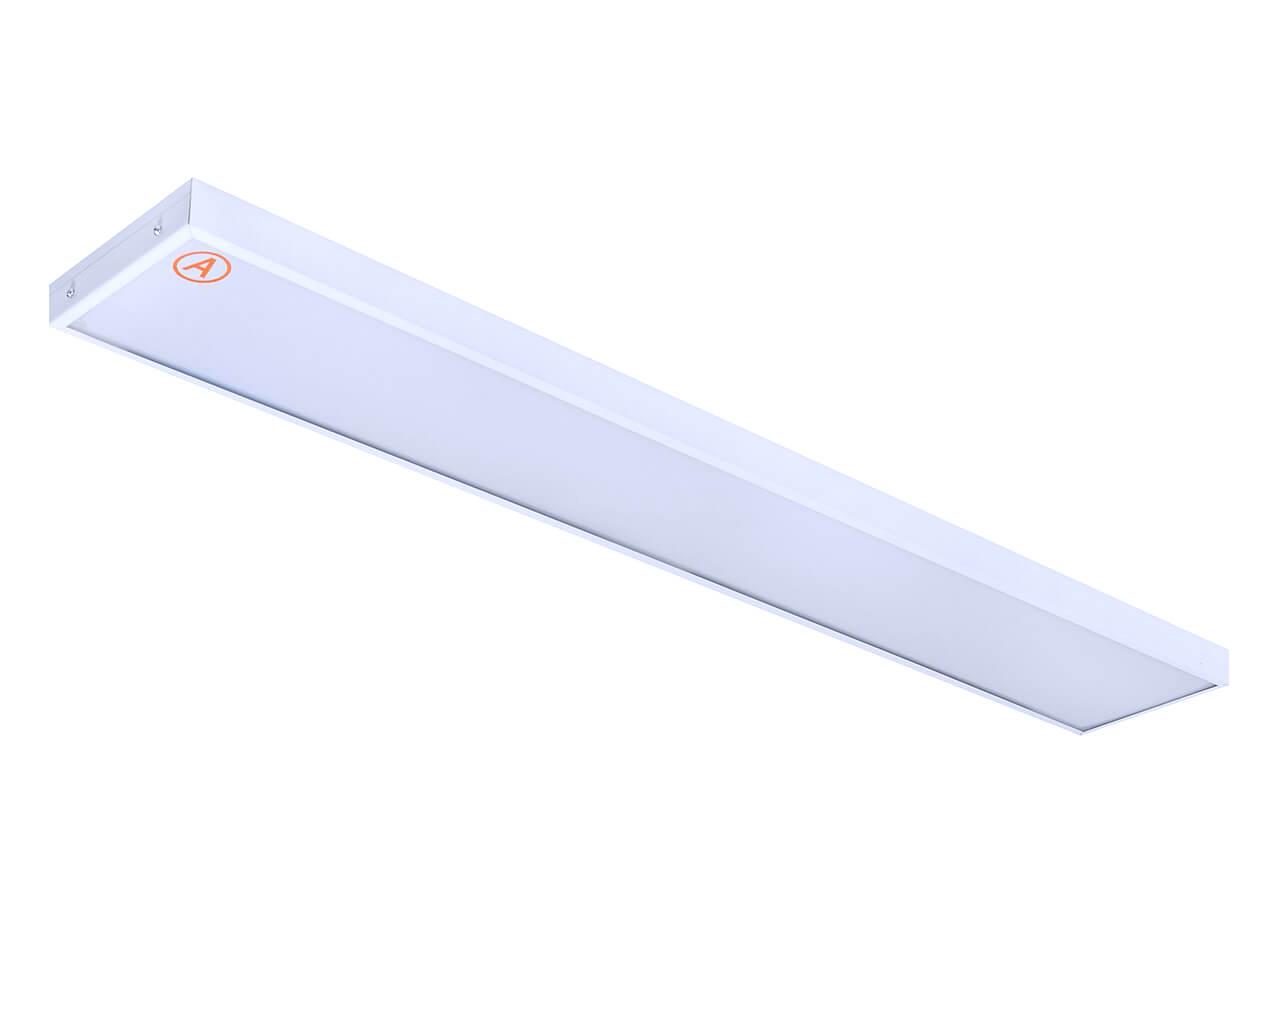 Накладной светильник LC-NS-40-OP-WW ватт 1195x180 Теплый белый Опал с Бап-1 час